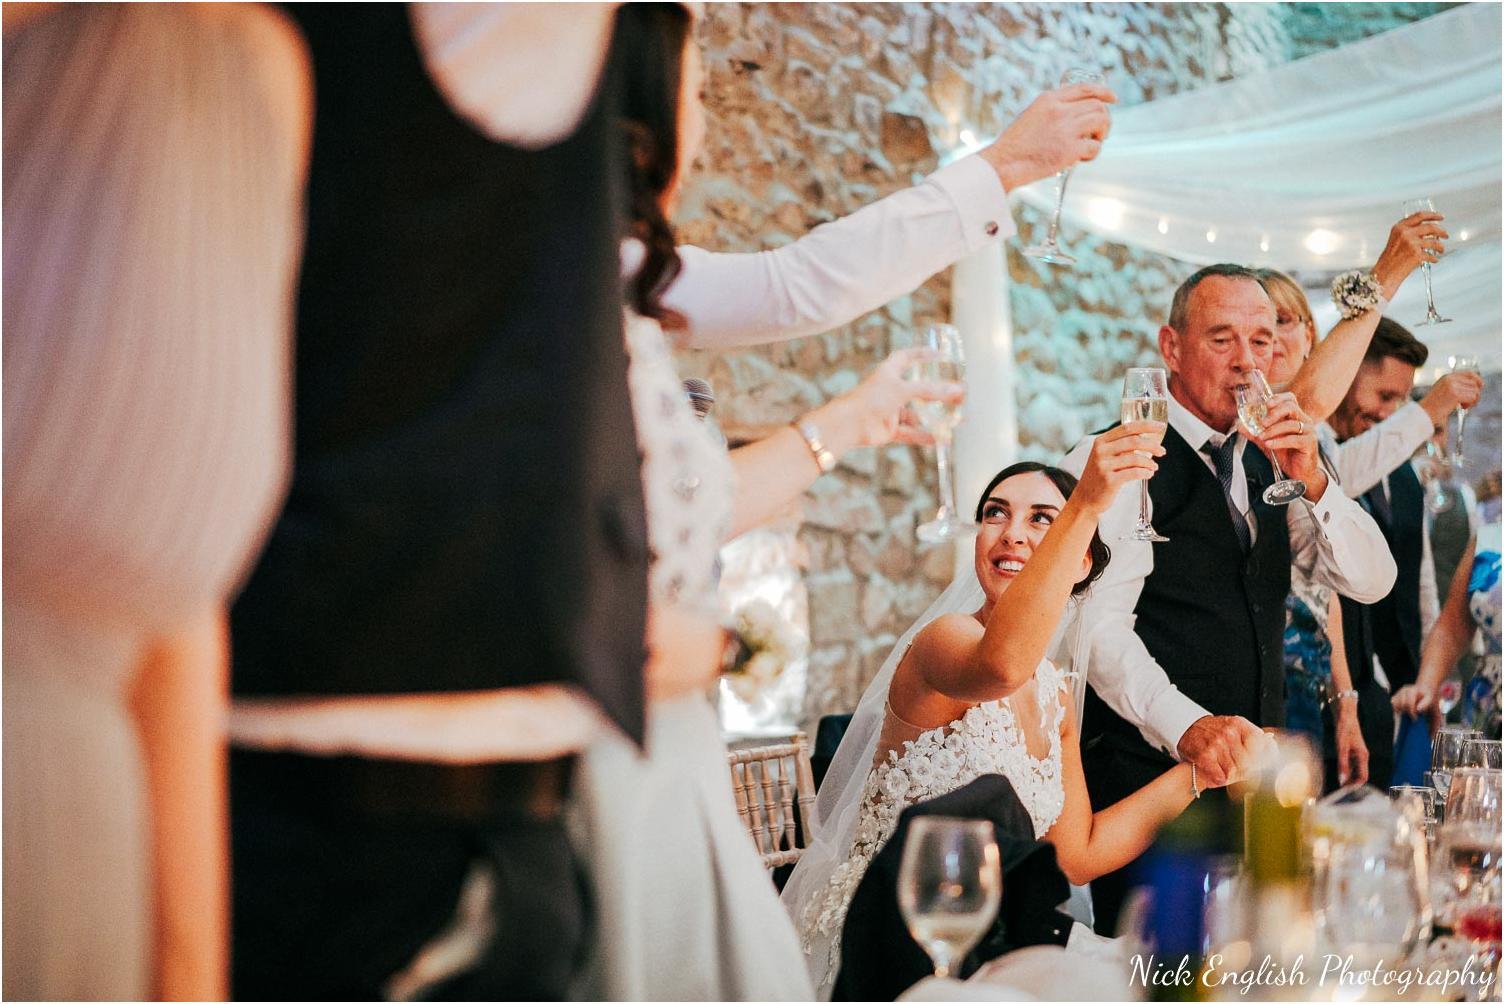 Browsholme_Hall_Barn_Wedding_Nick_English_Photography-147.jpg